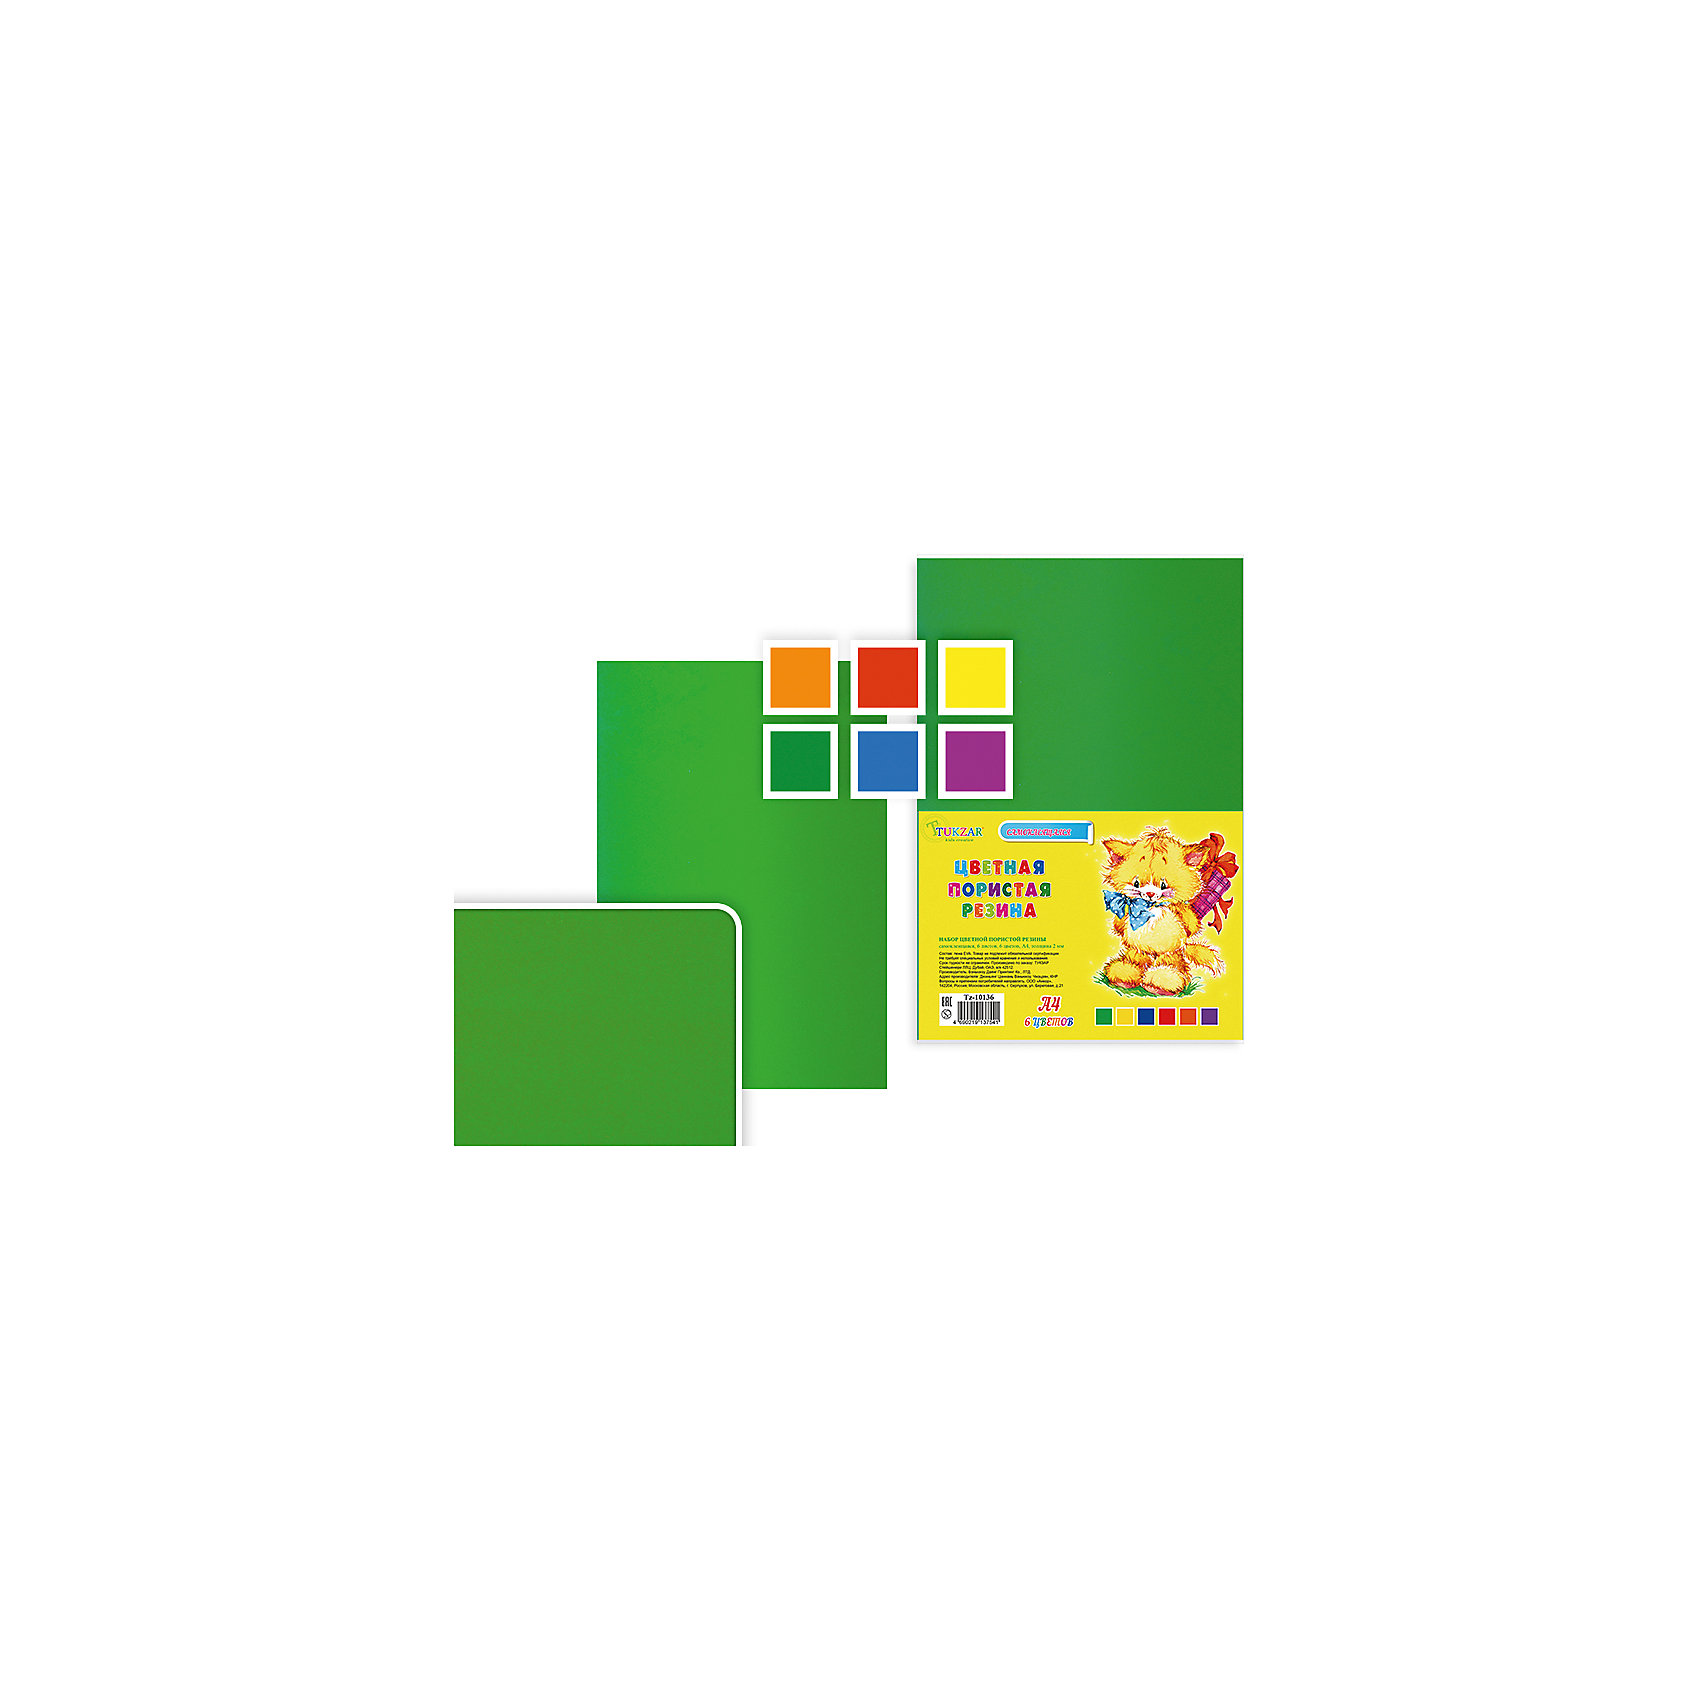 Набор цветной самоклеящейся пористой резины, 6 листов, 6 цветов, А4Рукоделие<br>Набор цветной самоклеящейся пористой резины, 6 листов, 6 цветов, А4.<br><br>Характеристики:<br><br>• Возраст: от 6 лет<br>• Количество: 6 разноцветных листов формата А4 с клейким слоем с одной стороны<br>• Толщина листа: 2 мм.<br>• Цвета: оранжевый, красный, желтый, зеленый, голубой, сиреневый<br><br>Цветная пористая резина (пена EVA) ярких насыщенных цветов в листах формата А4 предназначена для создания творческих поделок и объемных аппликаций дома, в школе или в детском саду. Листы покрыты прочным клейким слоем с одной стороны. Пористая резина - приятная на ощупь, гибкая. Работать с ней просто и удобно, она режется ножницами, легко принимает нужную форму и приклеивается на ровную поверхность.<br><br>Набор цветной самоклеящейся пористой резины, 6 листов, 6 цветов, А4 можно купить в нашем интернет-магазине.<br><br>Ширина мм: 330<br>Глубина мм: 8<br>Высота мм: 210<br>Вес г: 120<br>Возраст от месяцев: 72<br>Возраст до месяцев: 2147483647<br>Пол: Унисекс<br>Возраст: Детский<br>SKU: 5504494